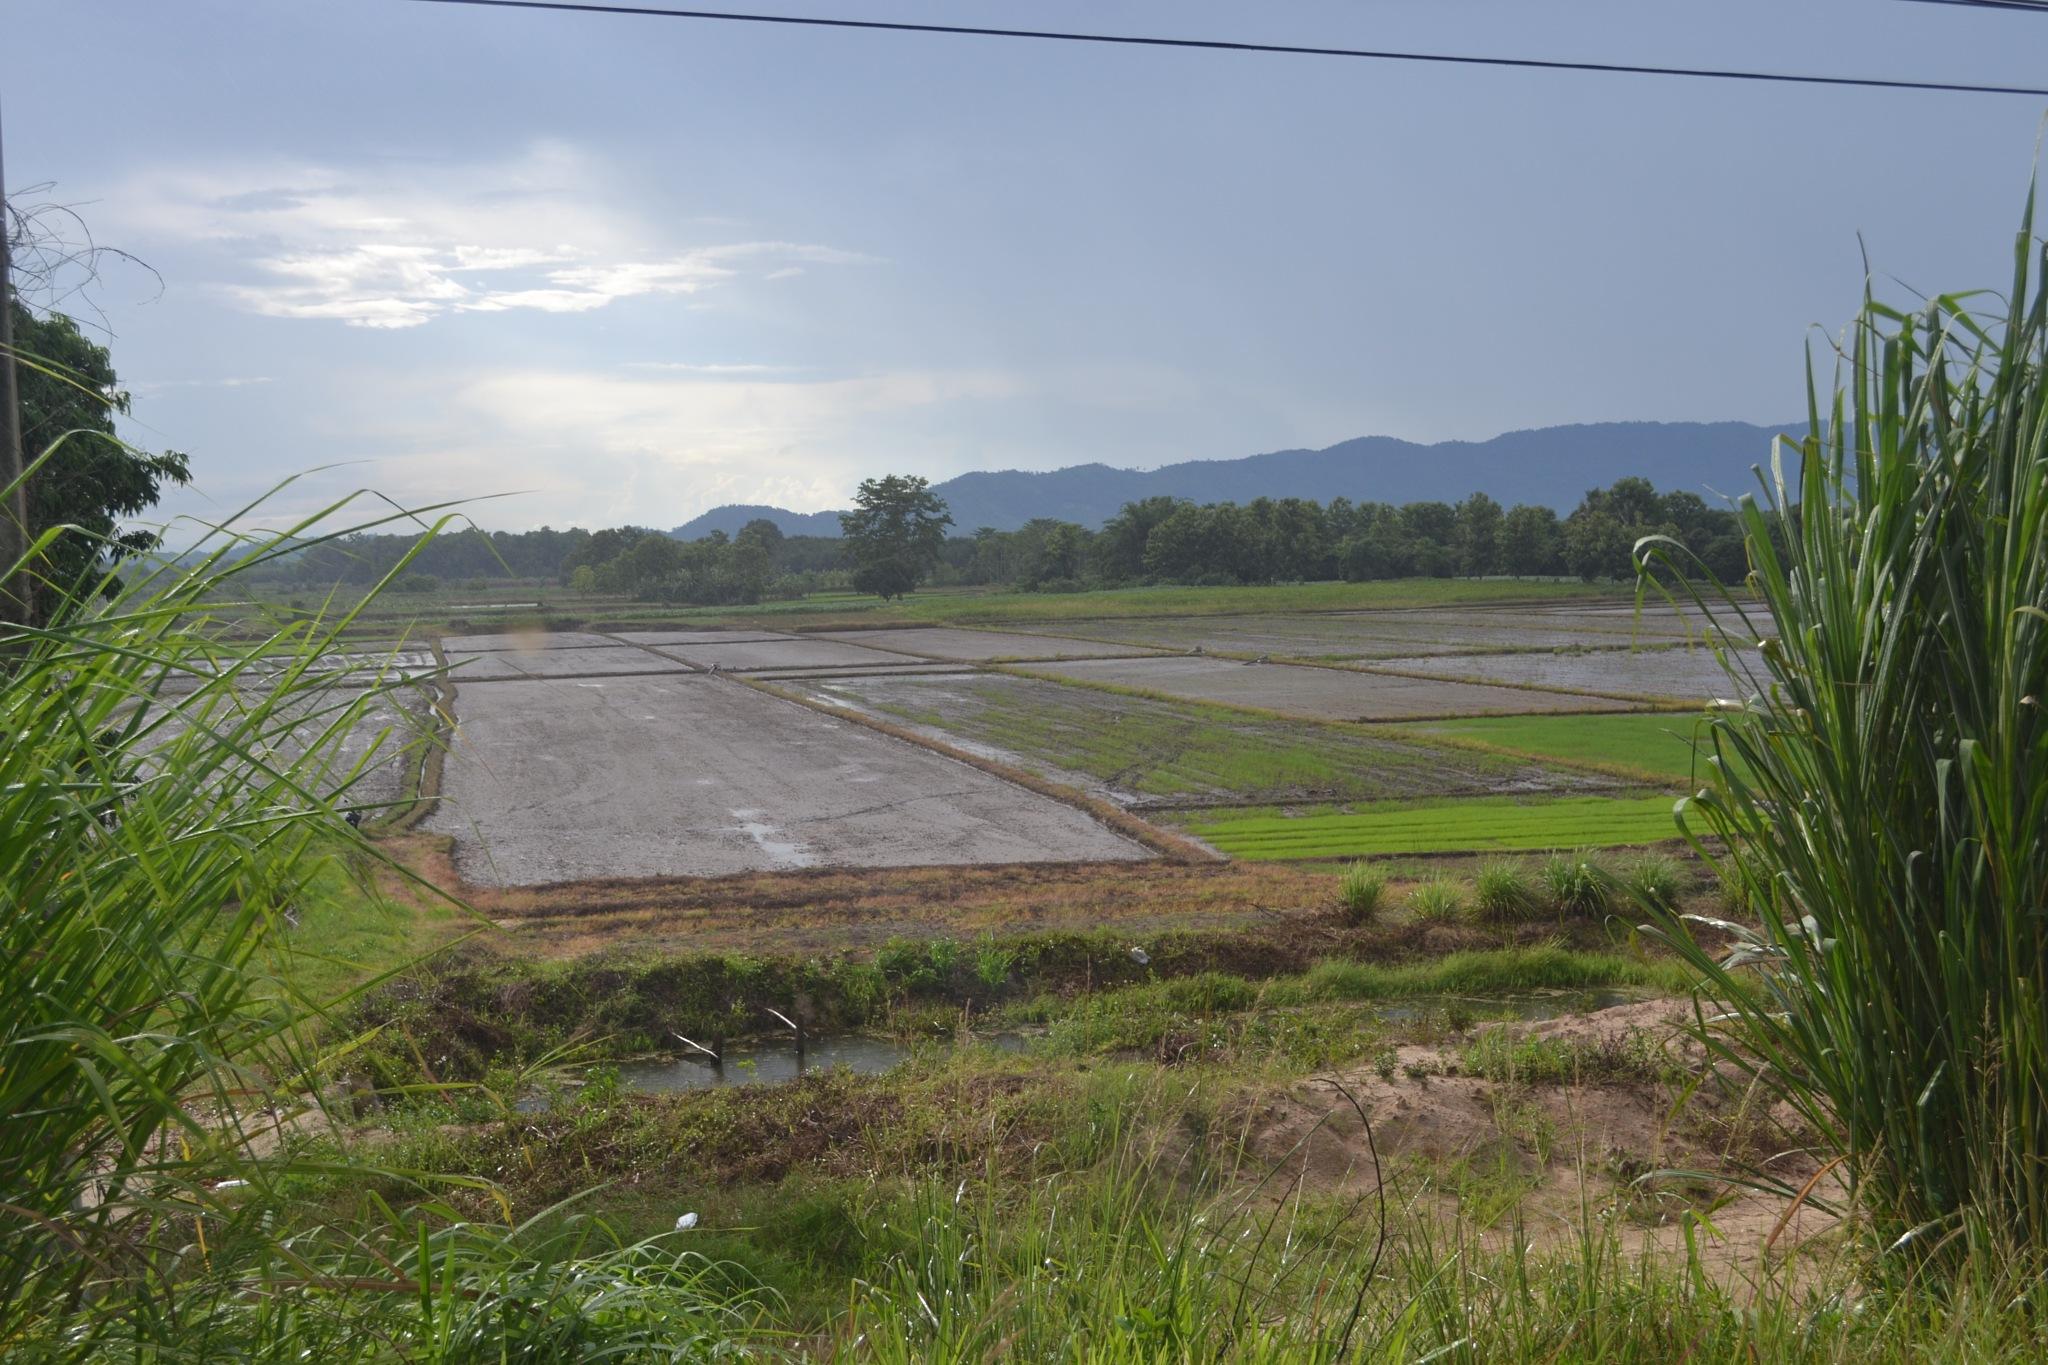 field@Chiang rai,Thailand by Kanittha Sritipeng